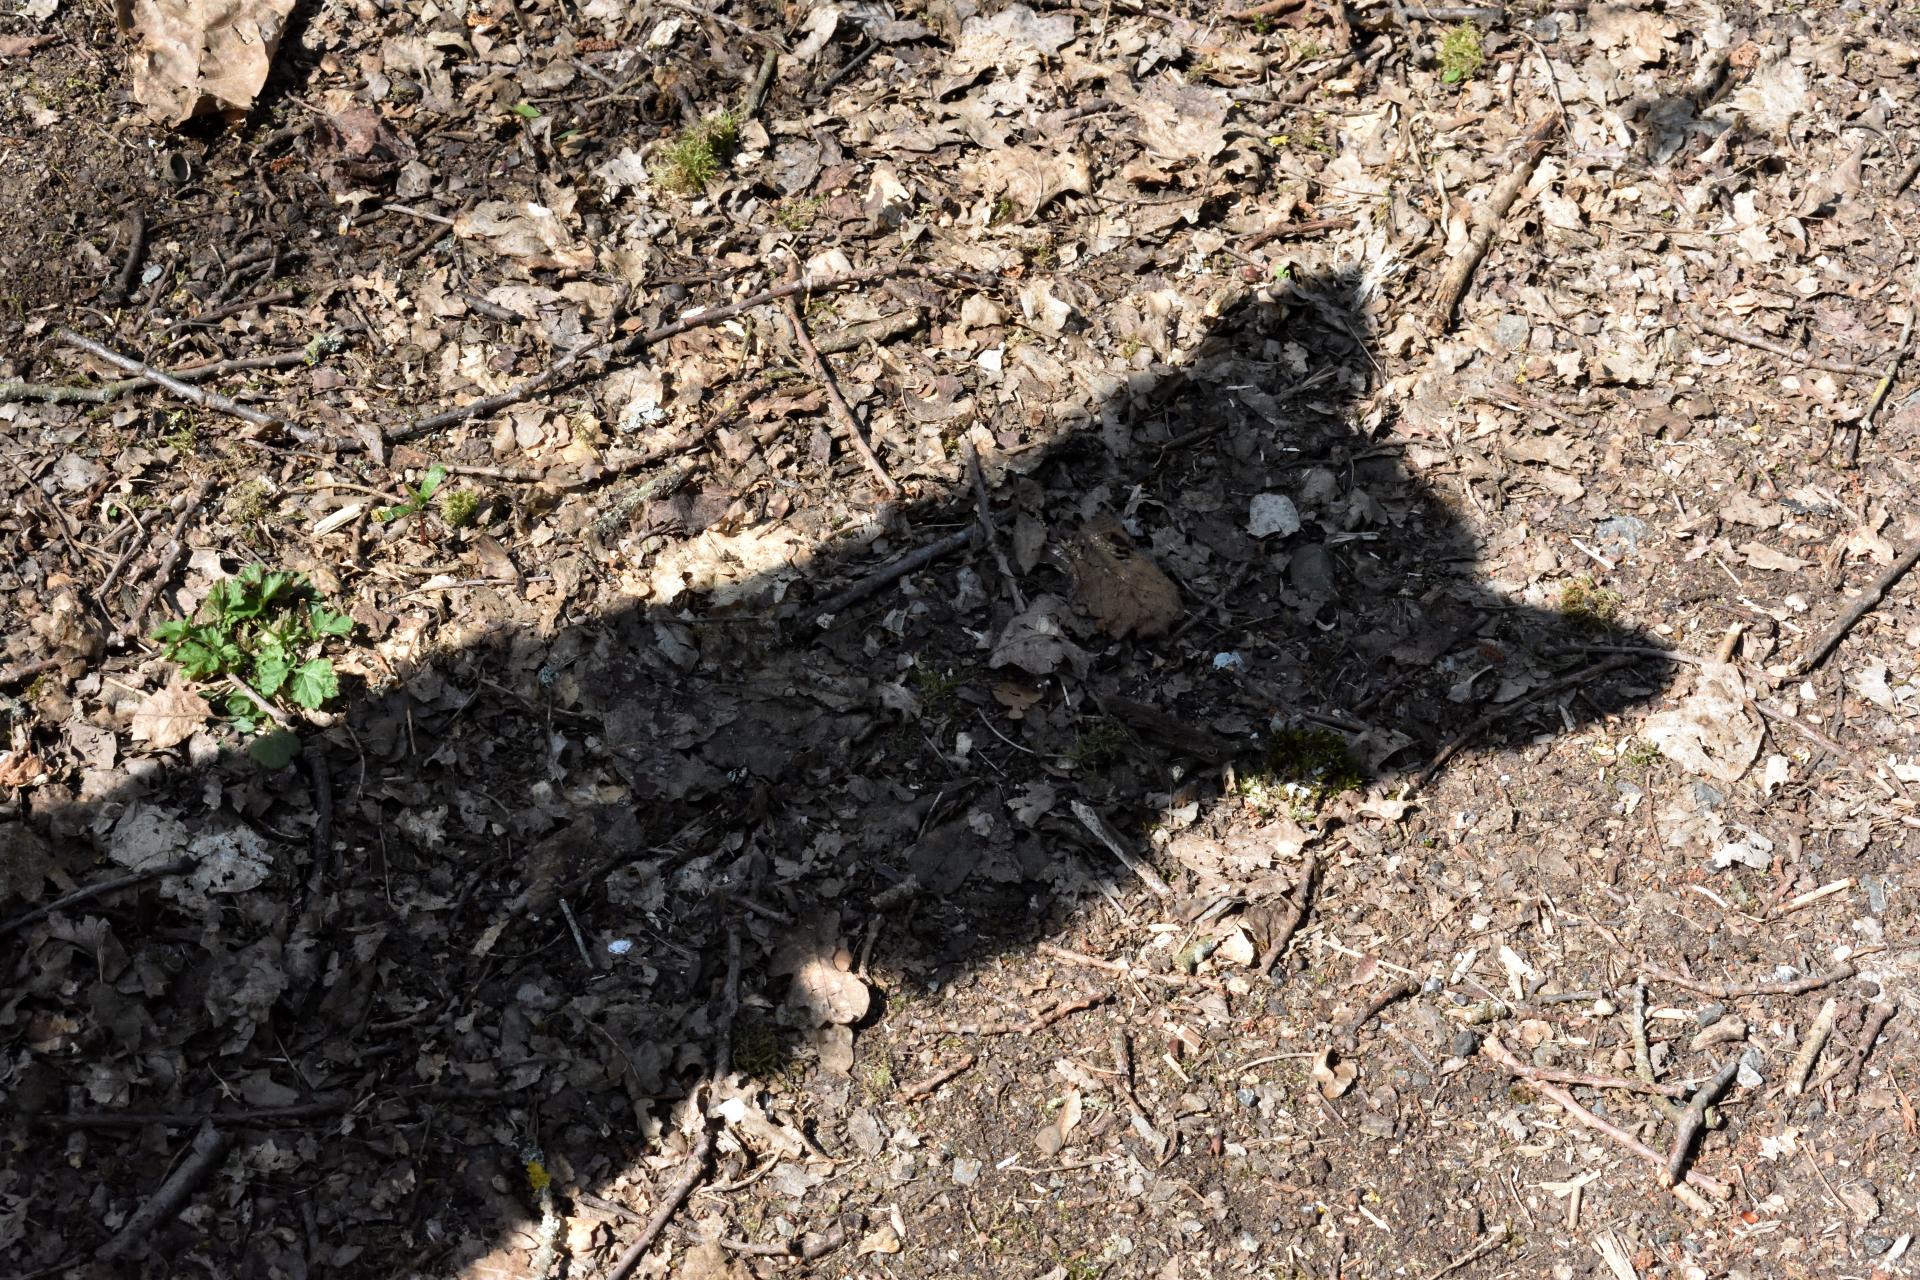 Filou auf Mäusejagd (Frühjahr 2020) | Das ist der Schatten von Super-Hund... naja, eigentlich bin nur ich es. Aber das macht schon Eindruck - zumindest auf meine Mäuschen!